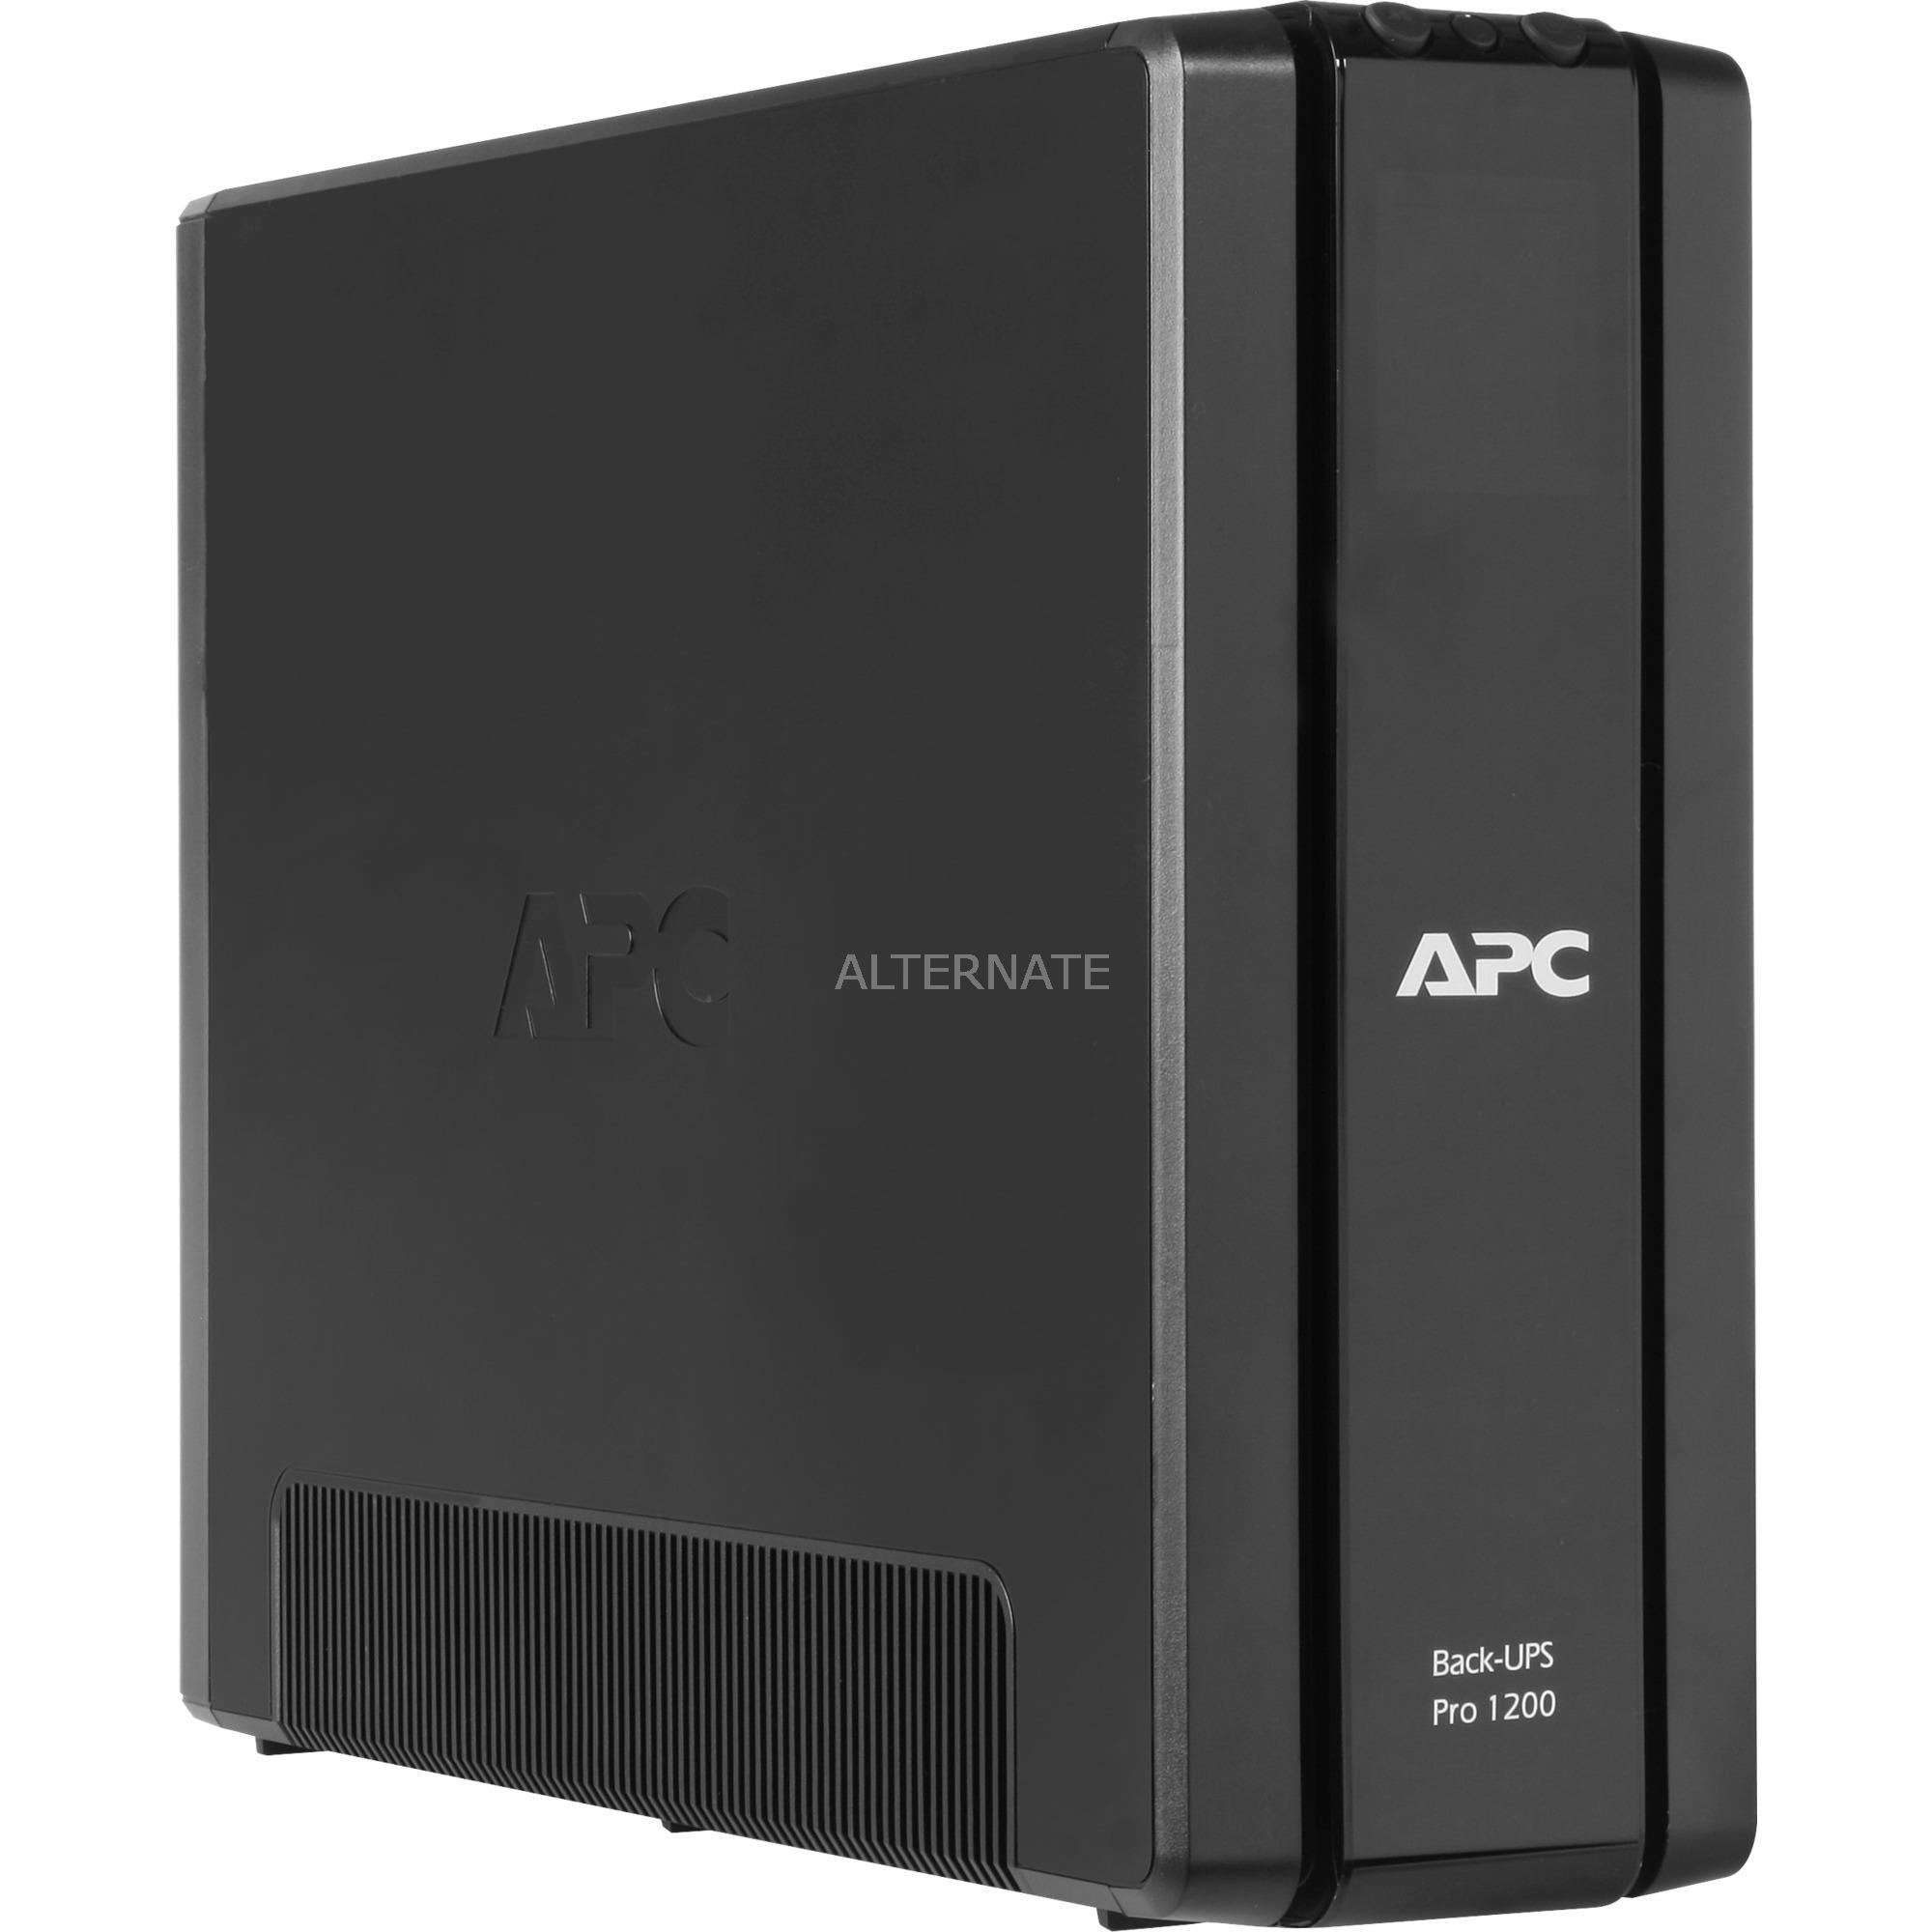 Back-UPS Pro sistema de alimentación ininterrumpida (UPS) 1200 VA 10 salidas AC Línea interactiva